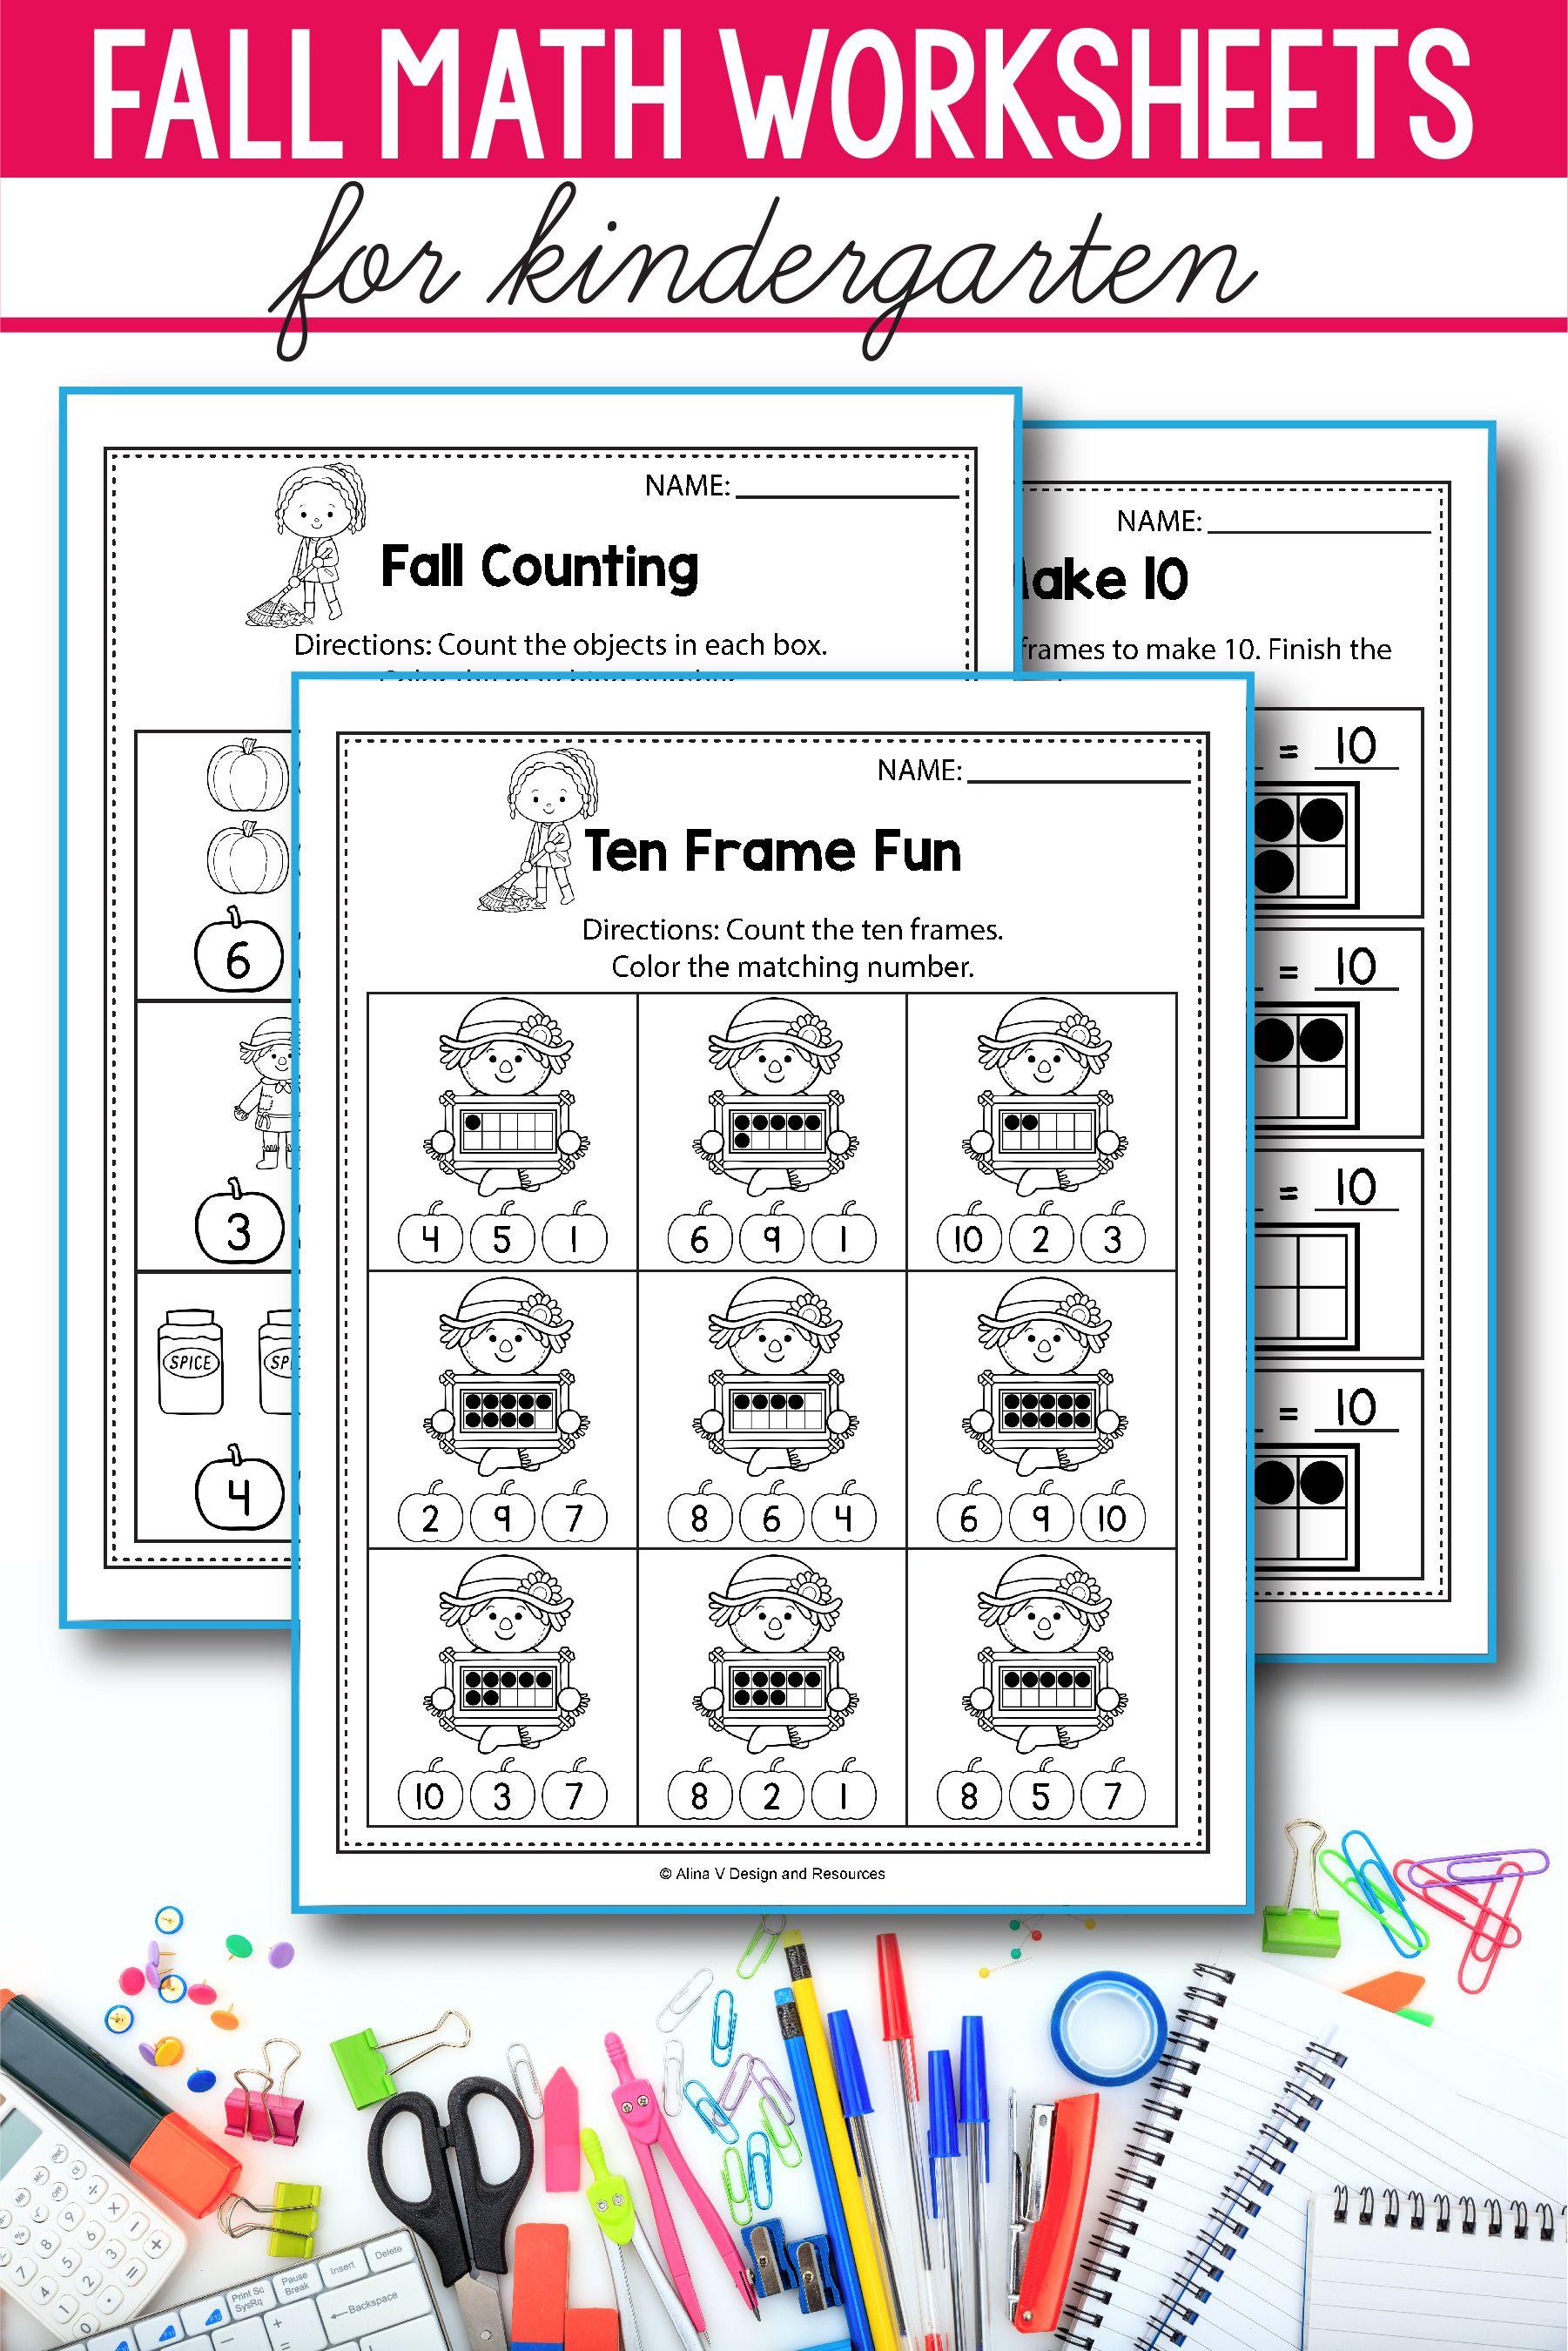 Fall Math Activities For Kindergarten 1st Grade And